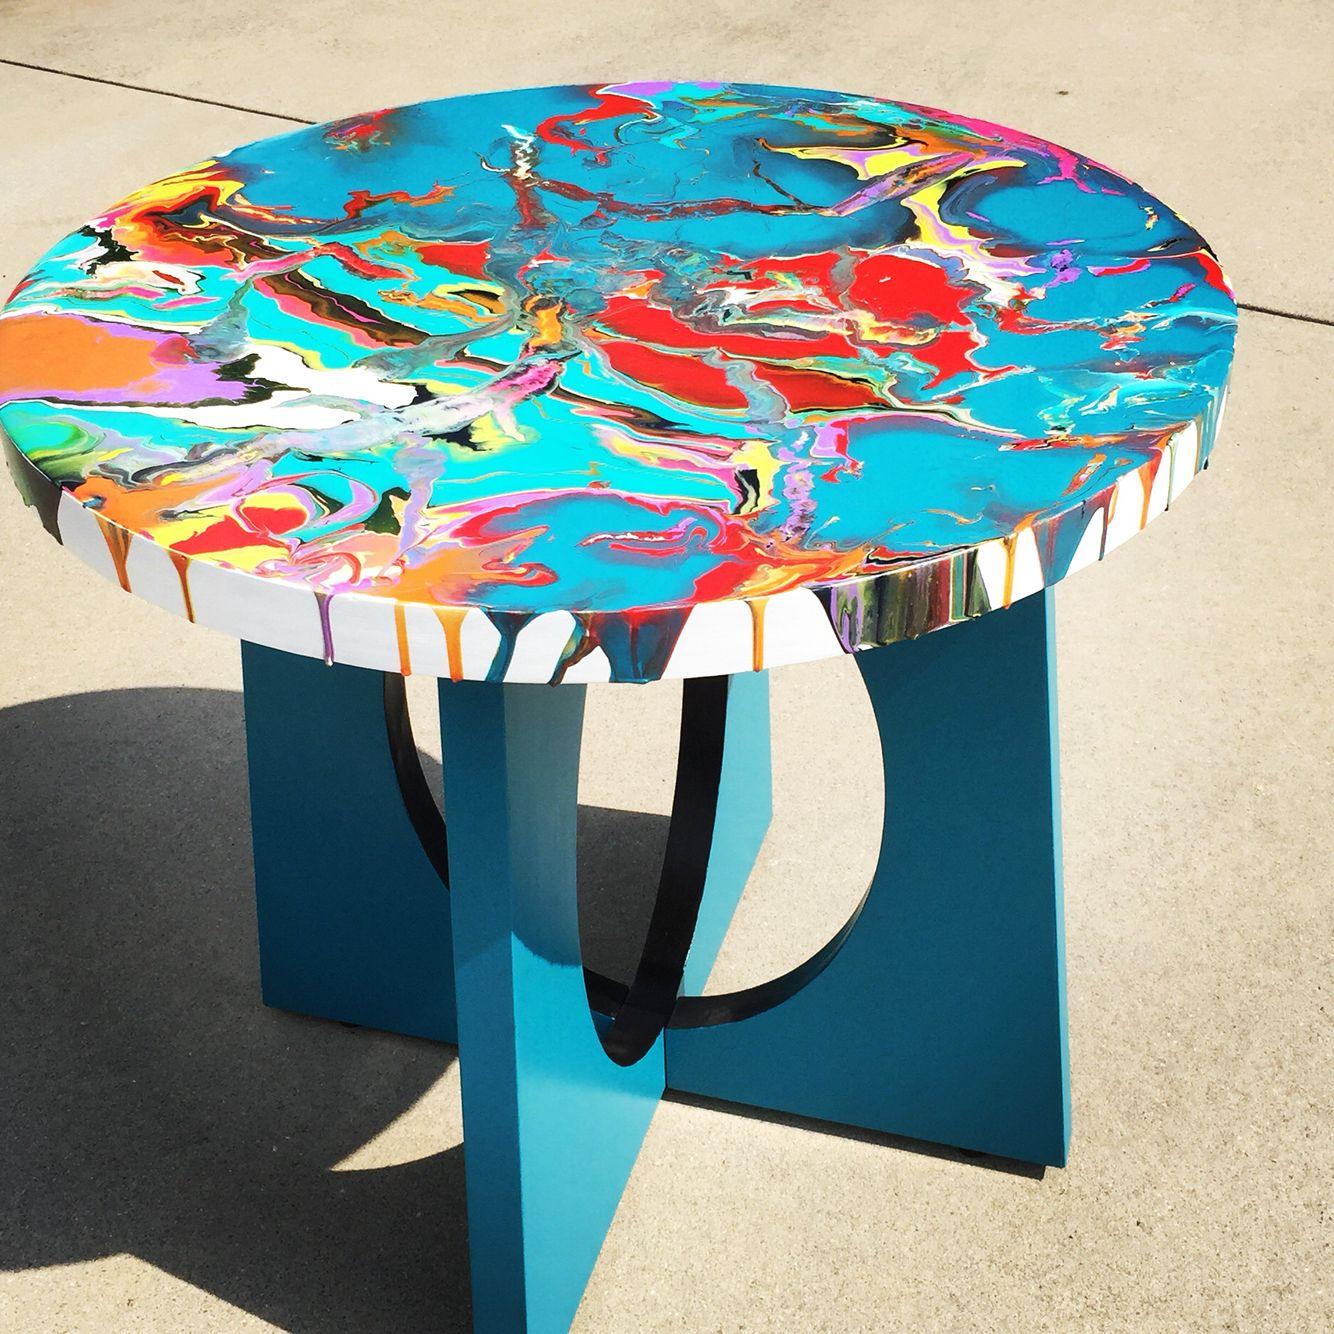 Fluid Acrylic Pour On Wood Table